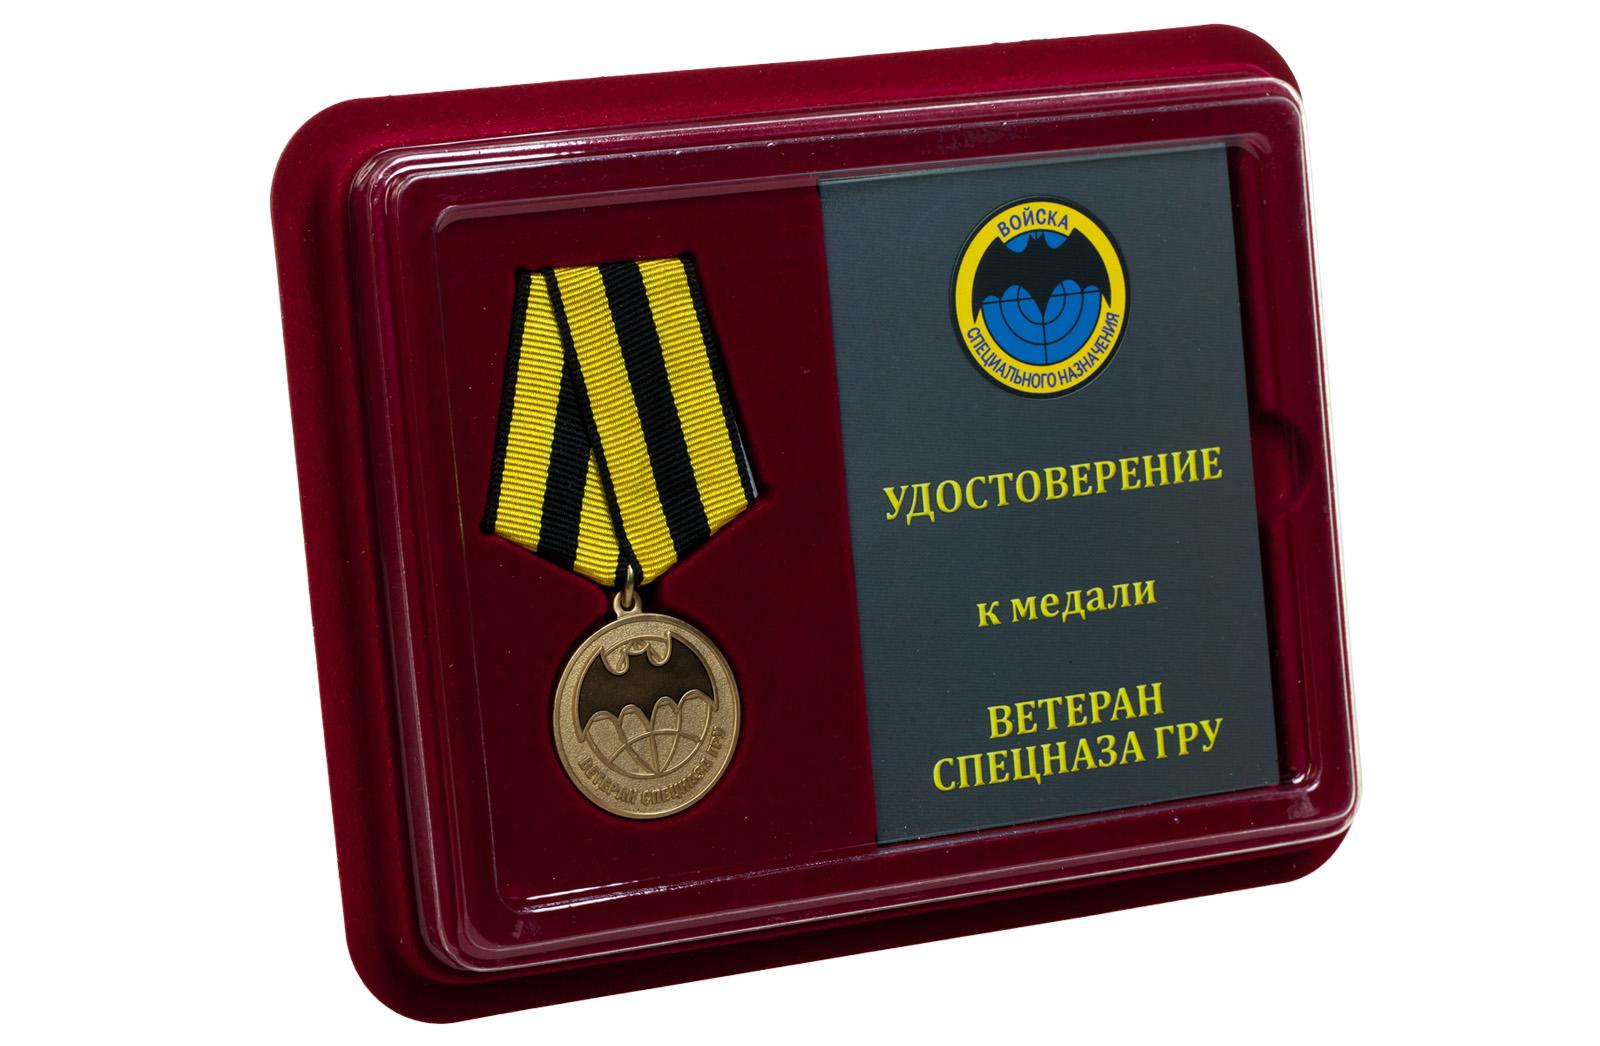 Купить медаль Ветеран Спецназа ГРУ по экономичной цене